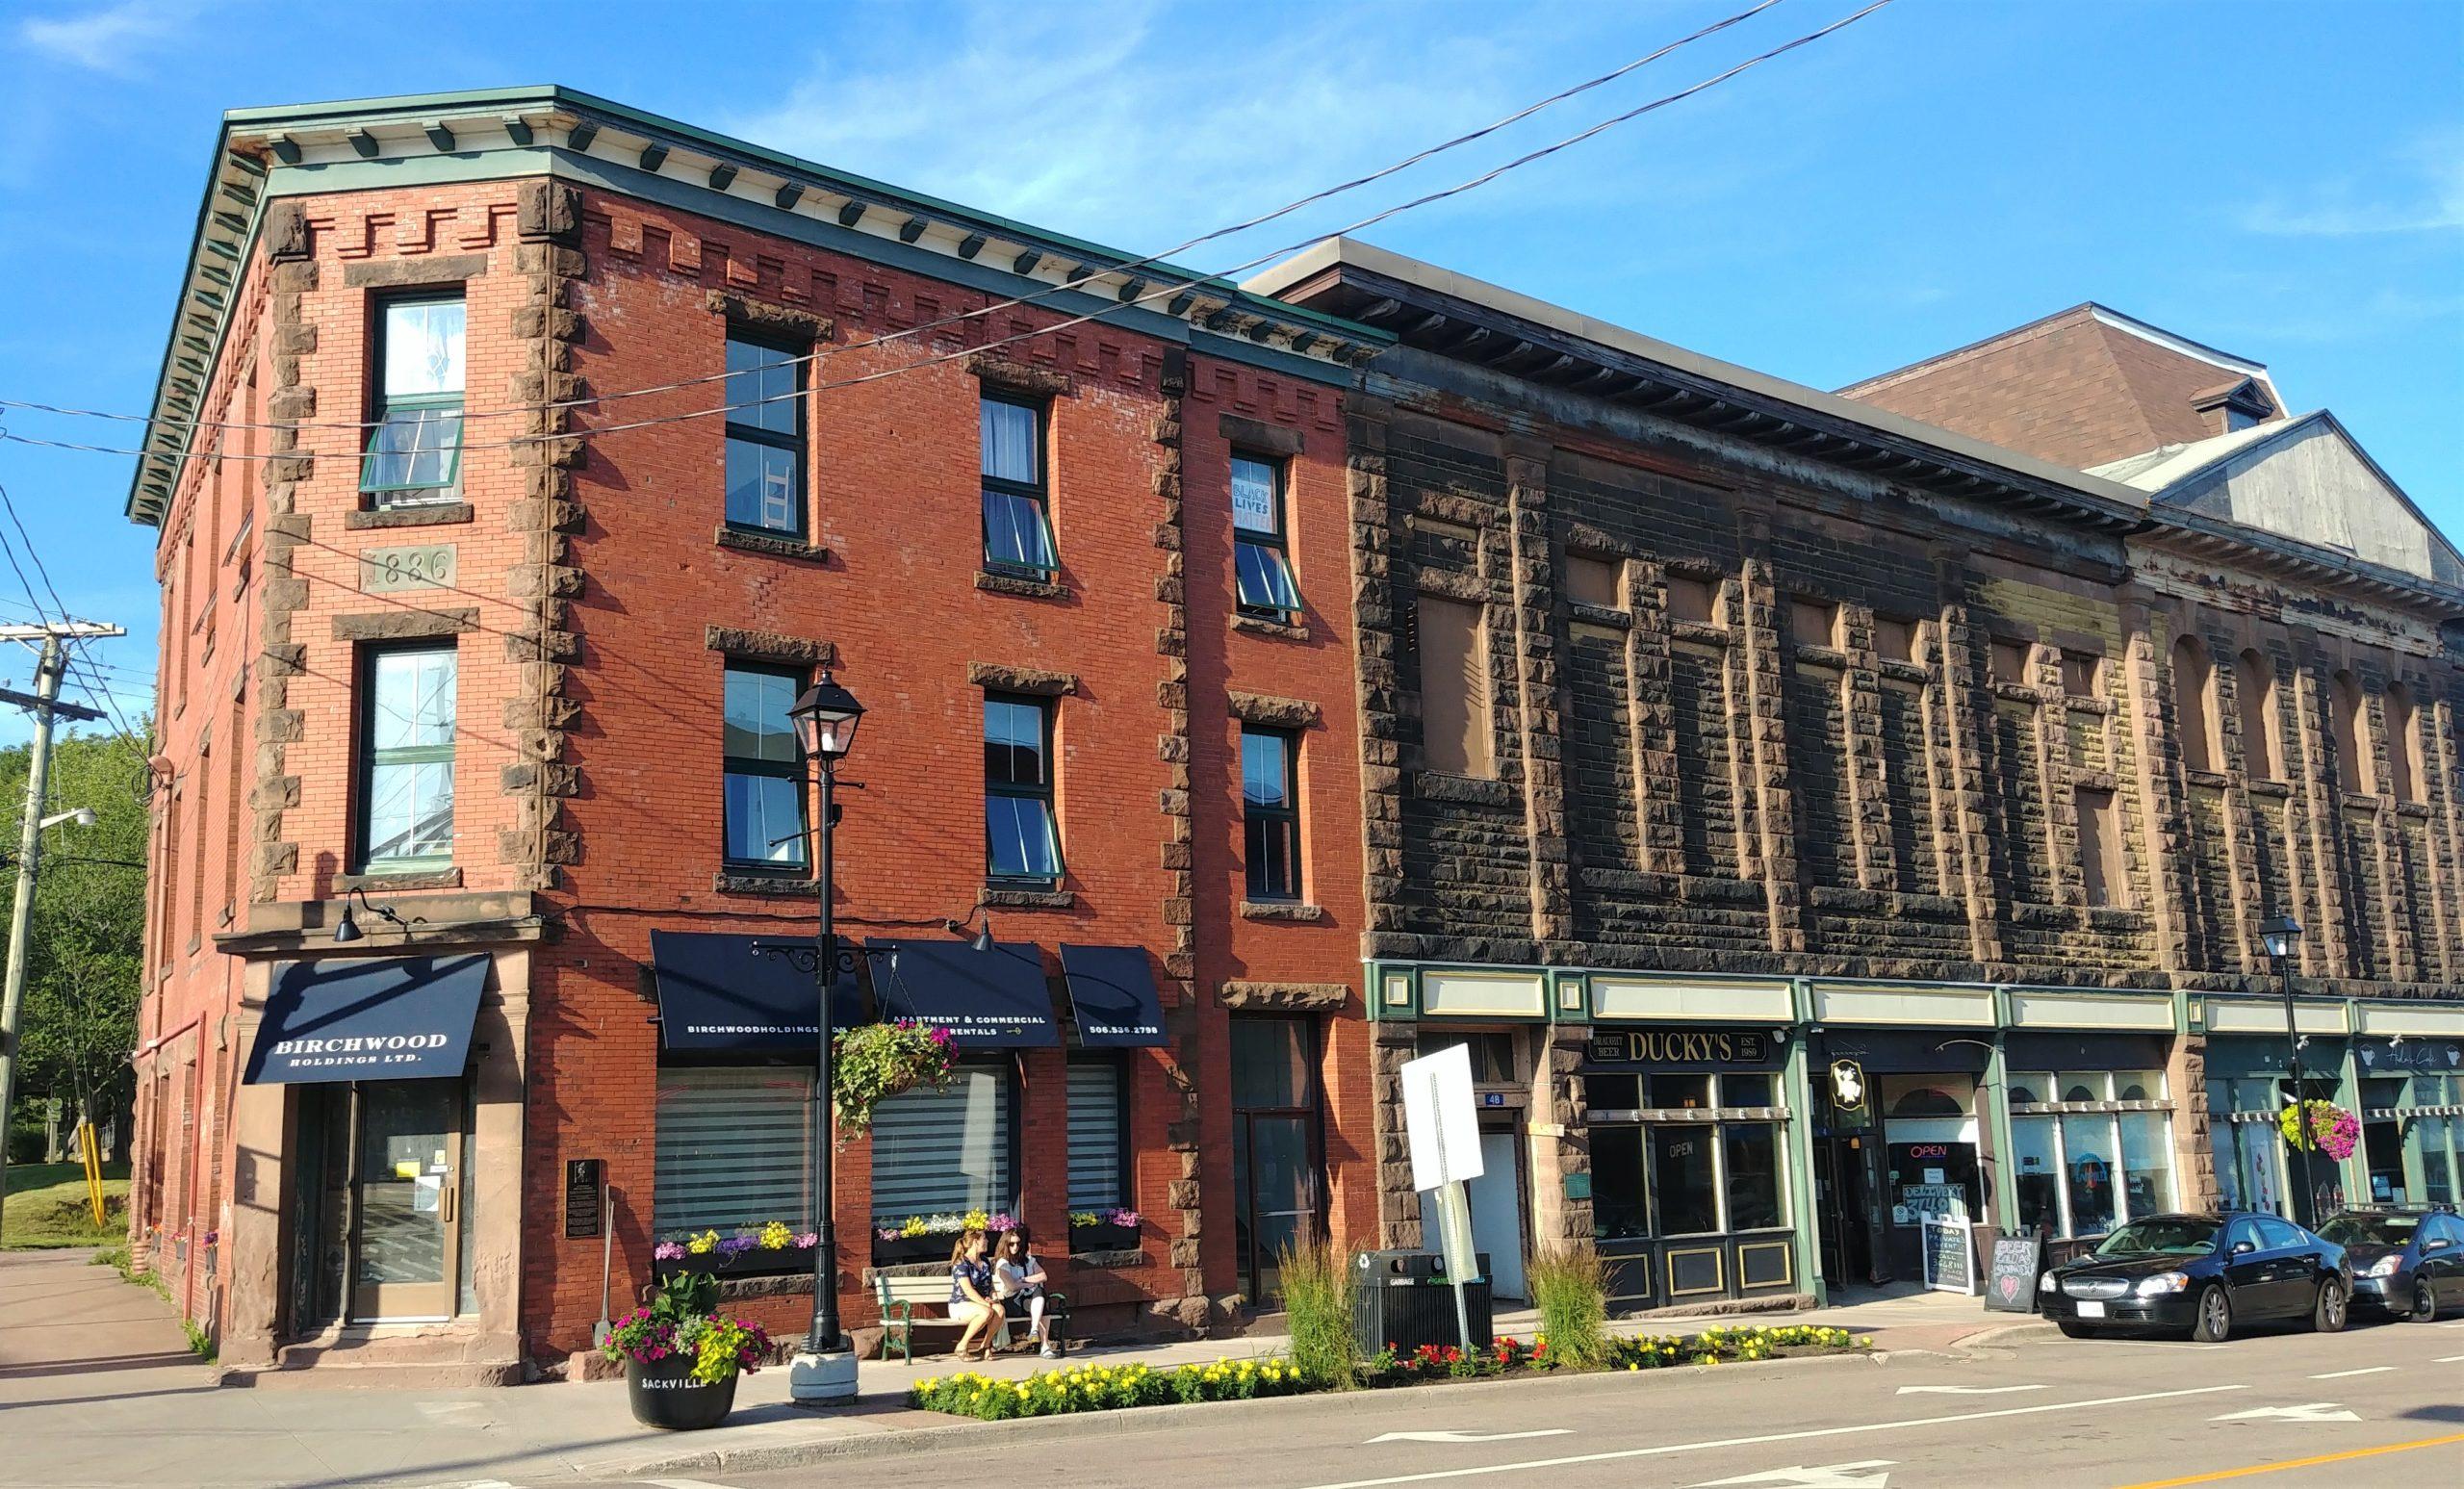 Sackville tourisme que voir Nouveau-Brunswick blog voyage Canada